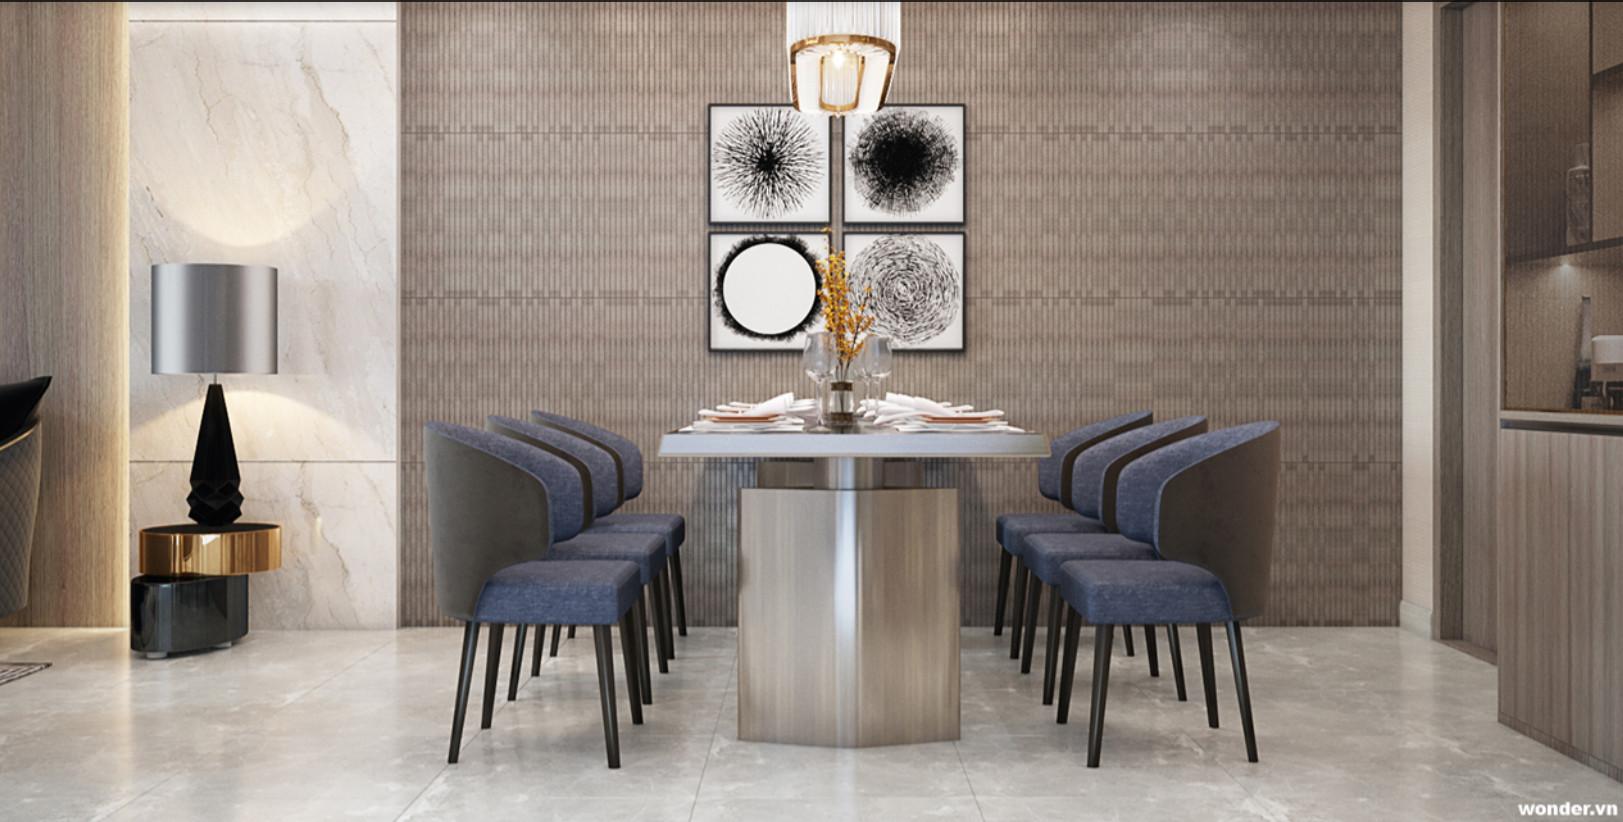 Hình ảnh nội thất bàn ăn dự án căn hộ Stella En Tropic Võ Văn Kiệt